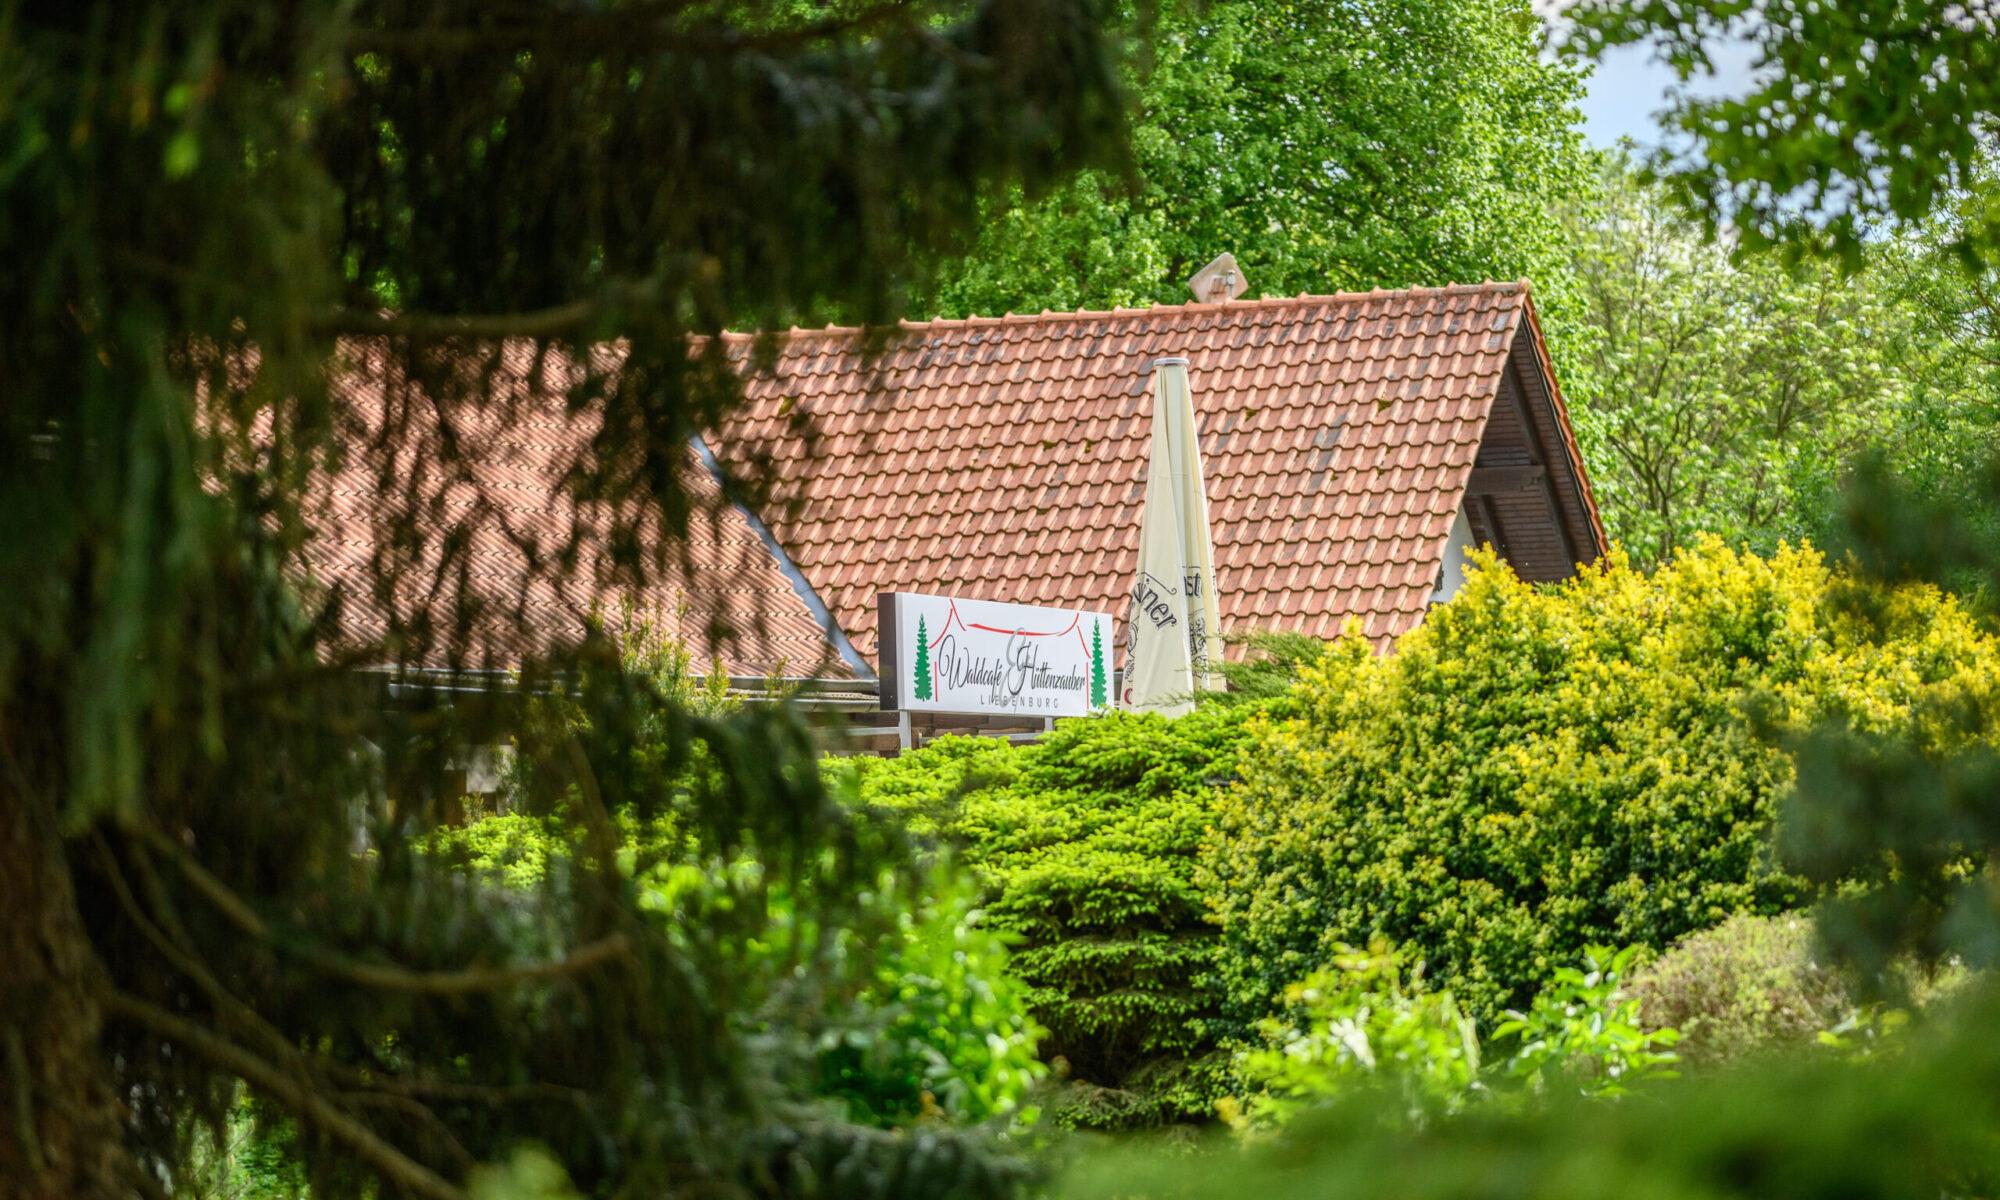 Waldcafe & Hüttenzauber Liebenburg